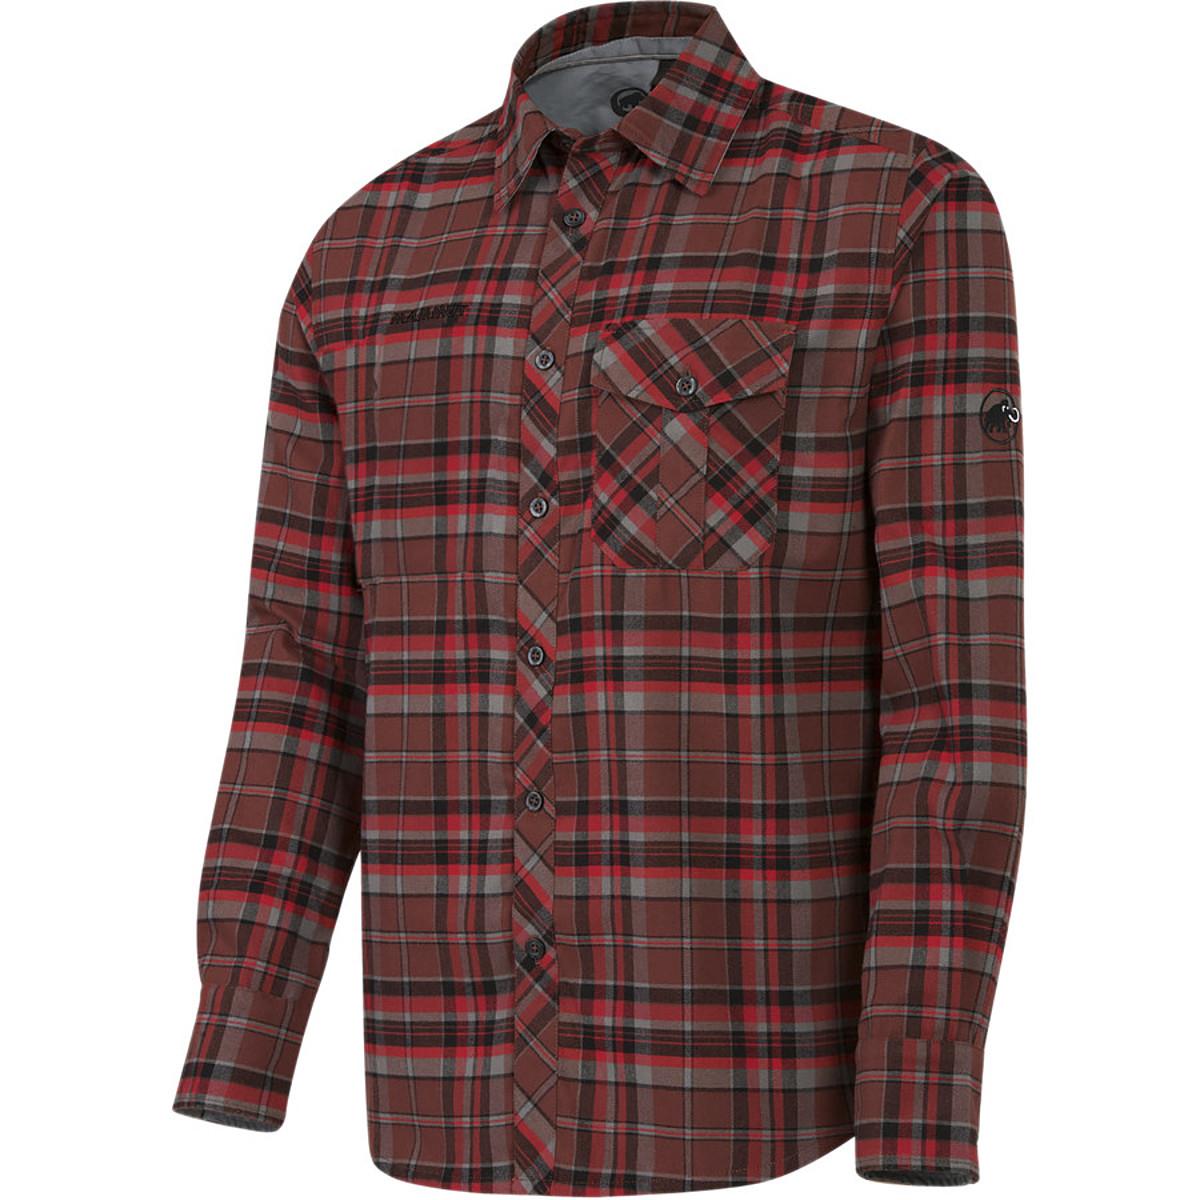 Mammut Lugano Shirt